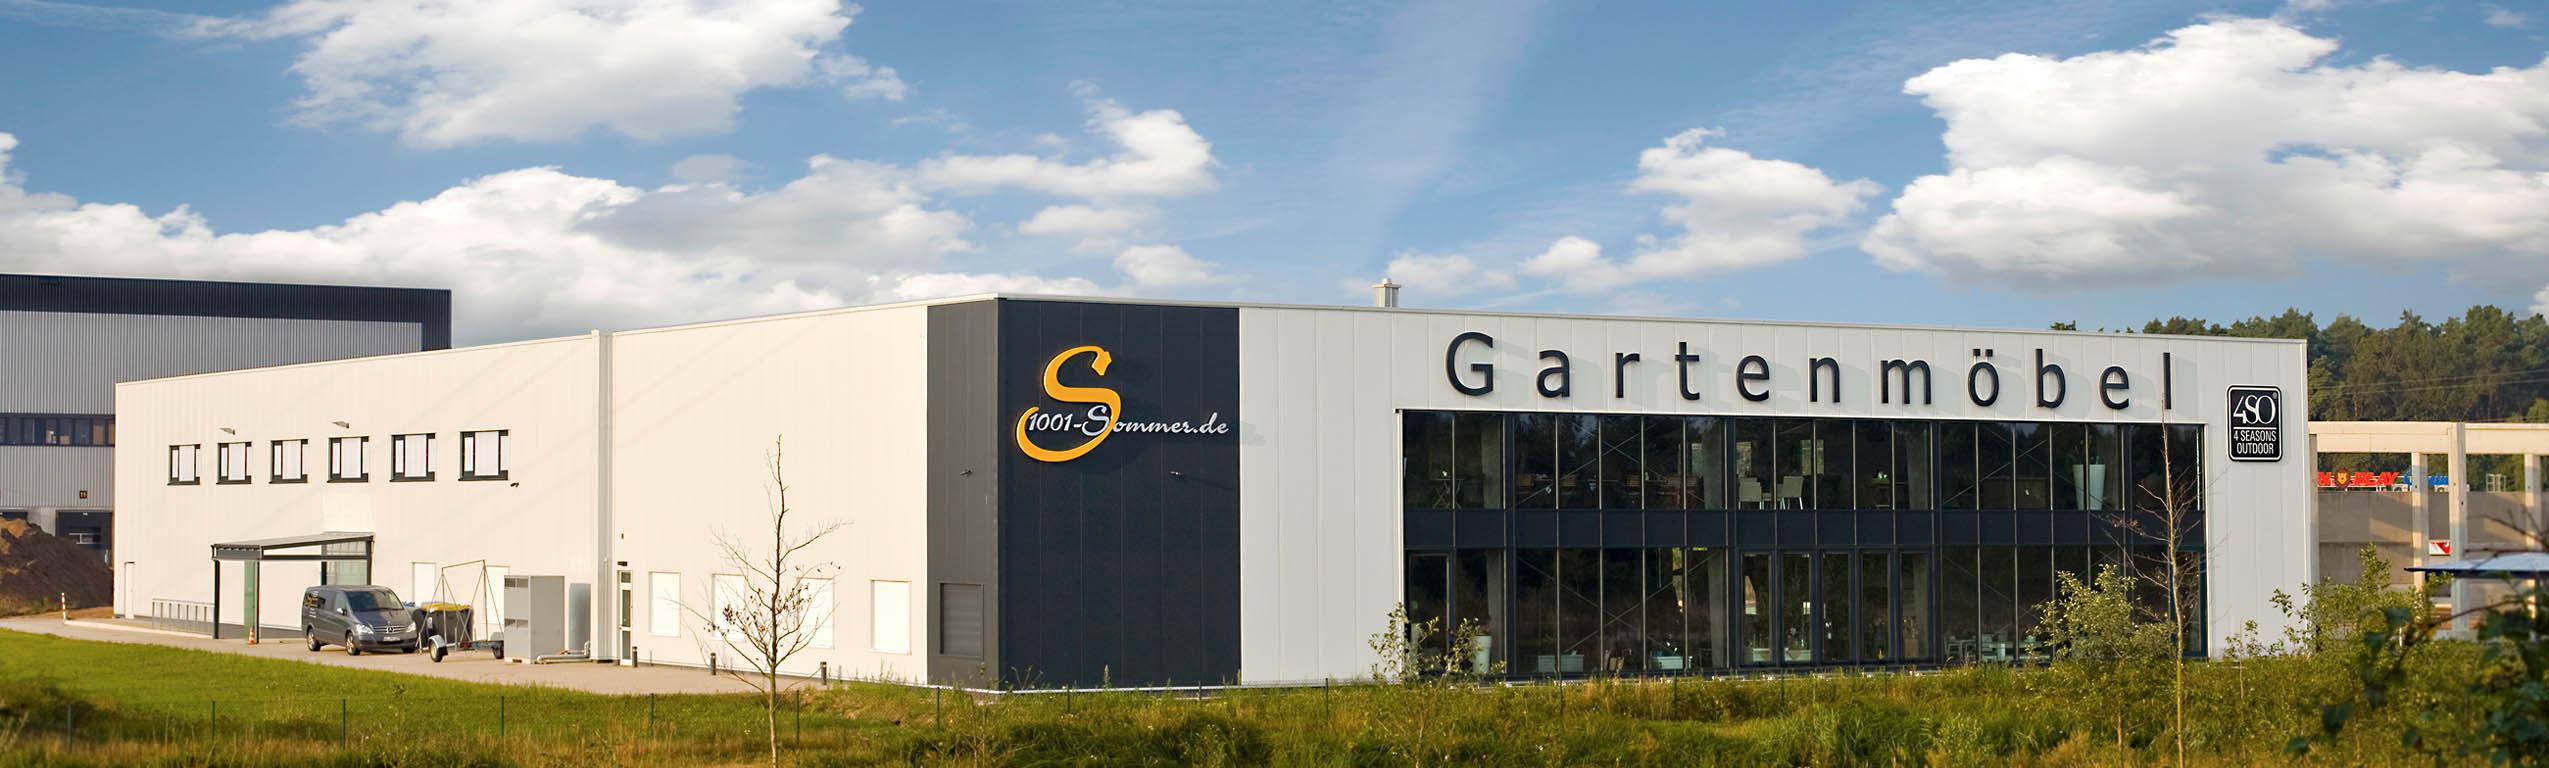 Schön Gartenmöbel Düsseldorf Lagerverkauf Referenz Von